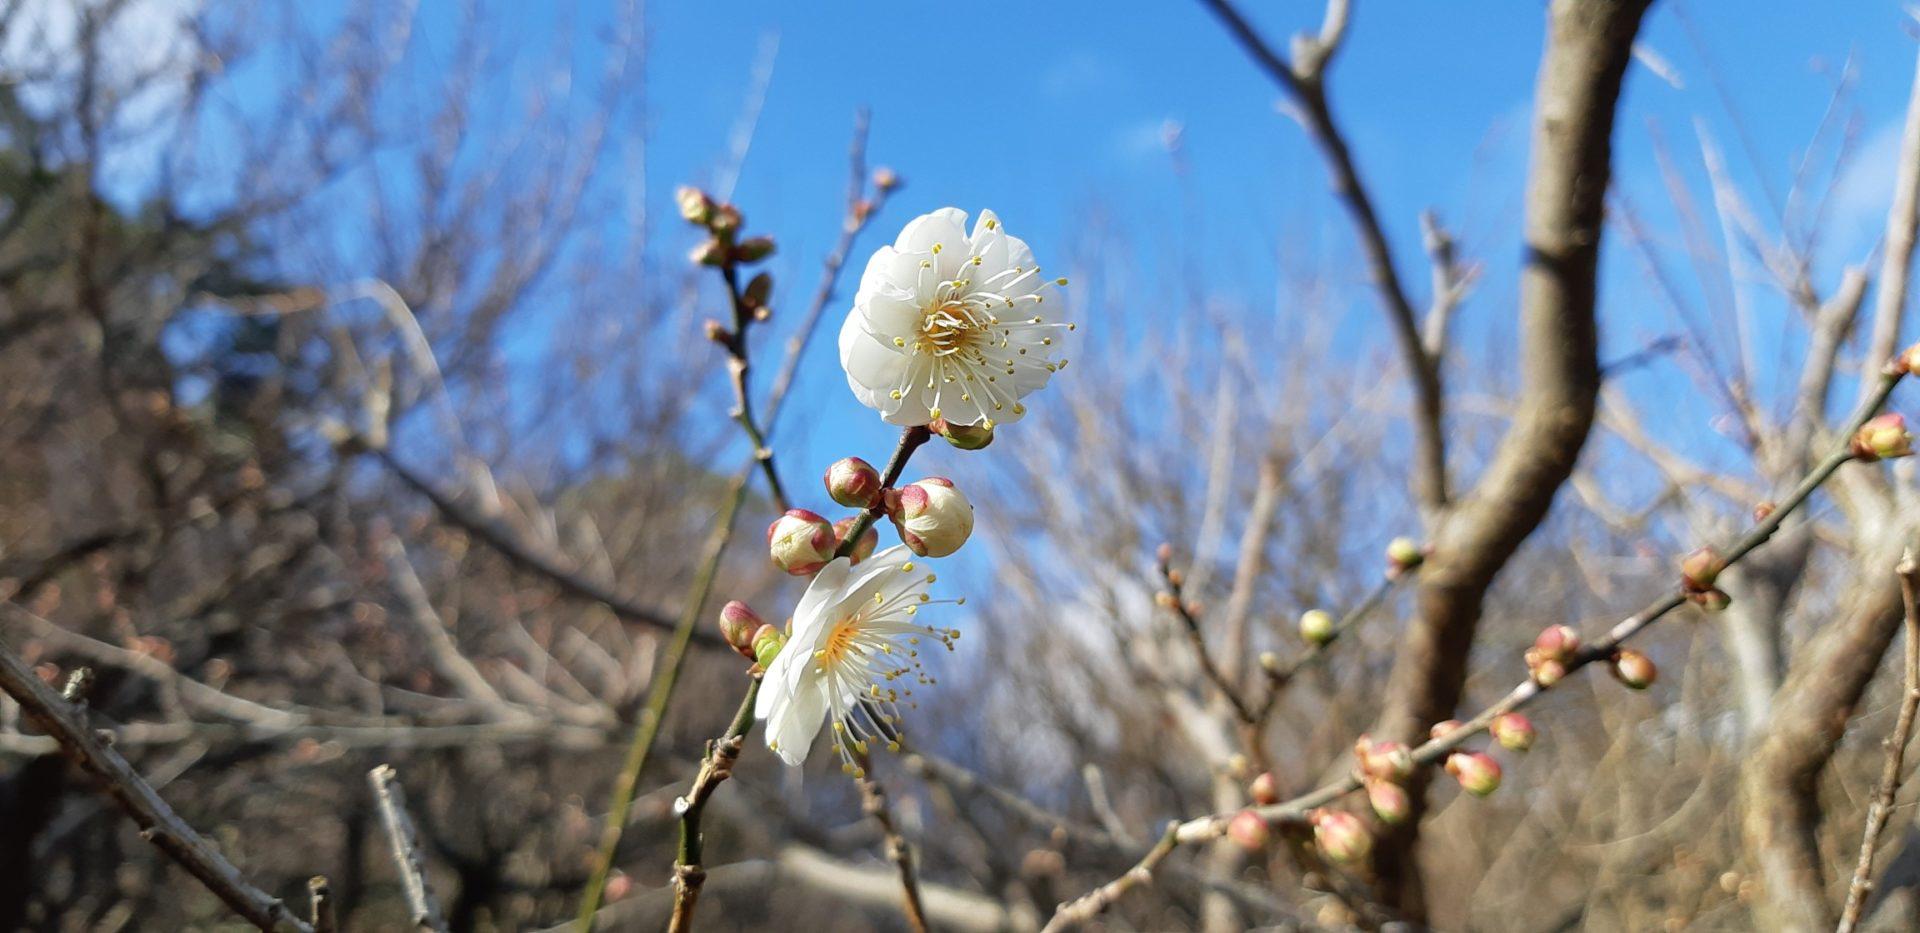 1月11日(土)『第76回熱海梅園梅まつり』と『第10回あたみ桜糸川桜まつり』が始まりました。